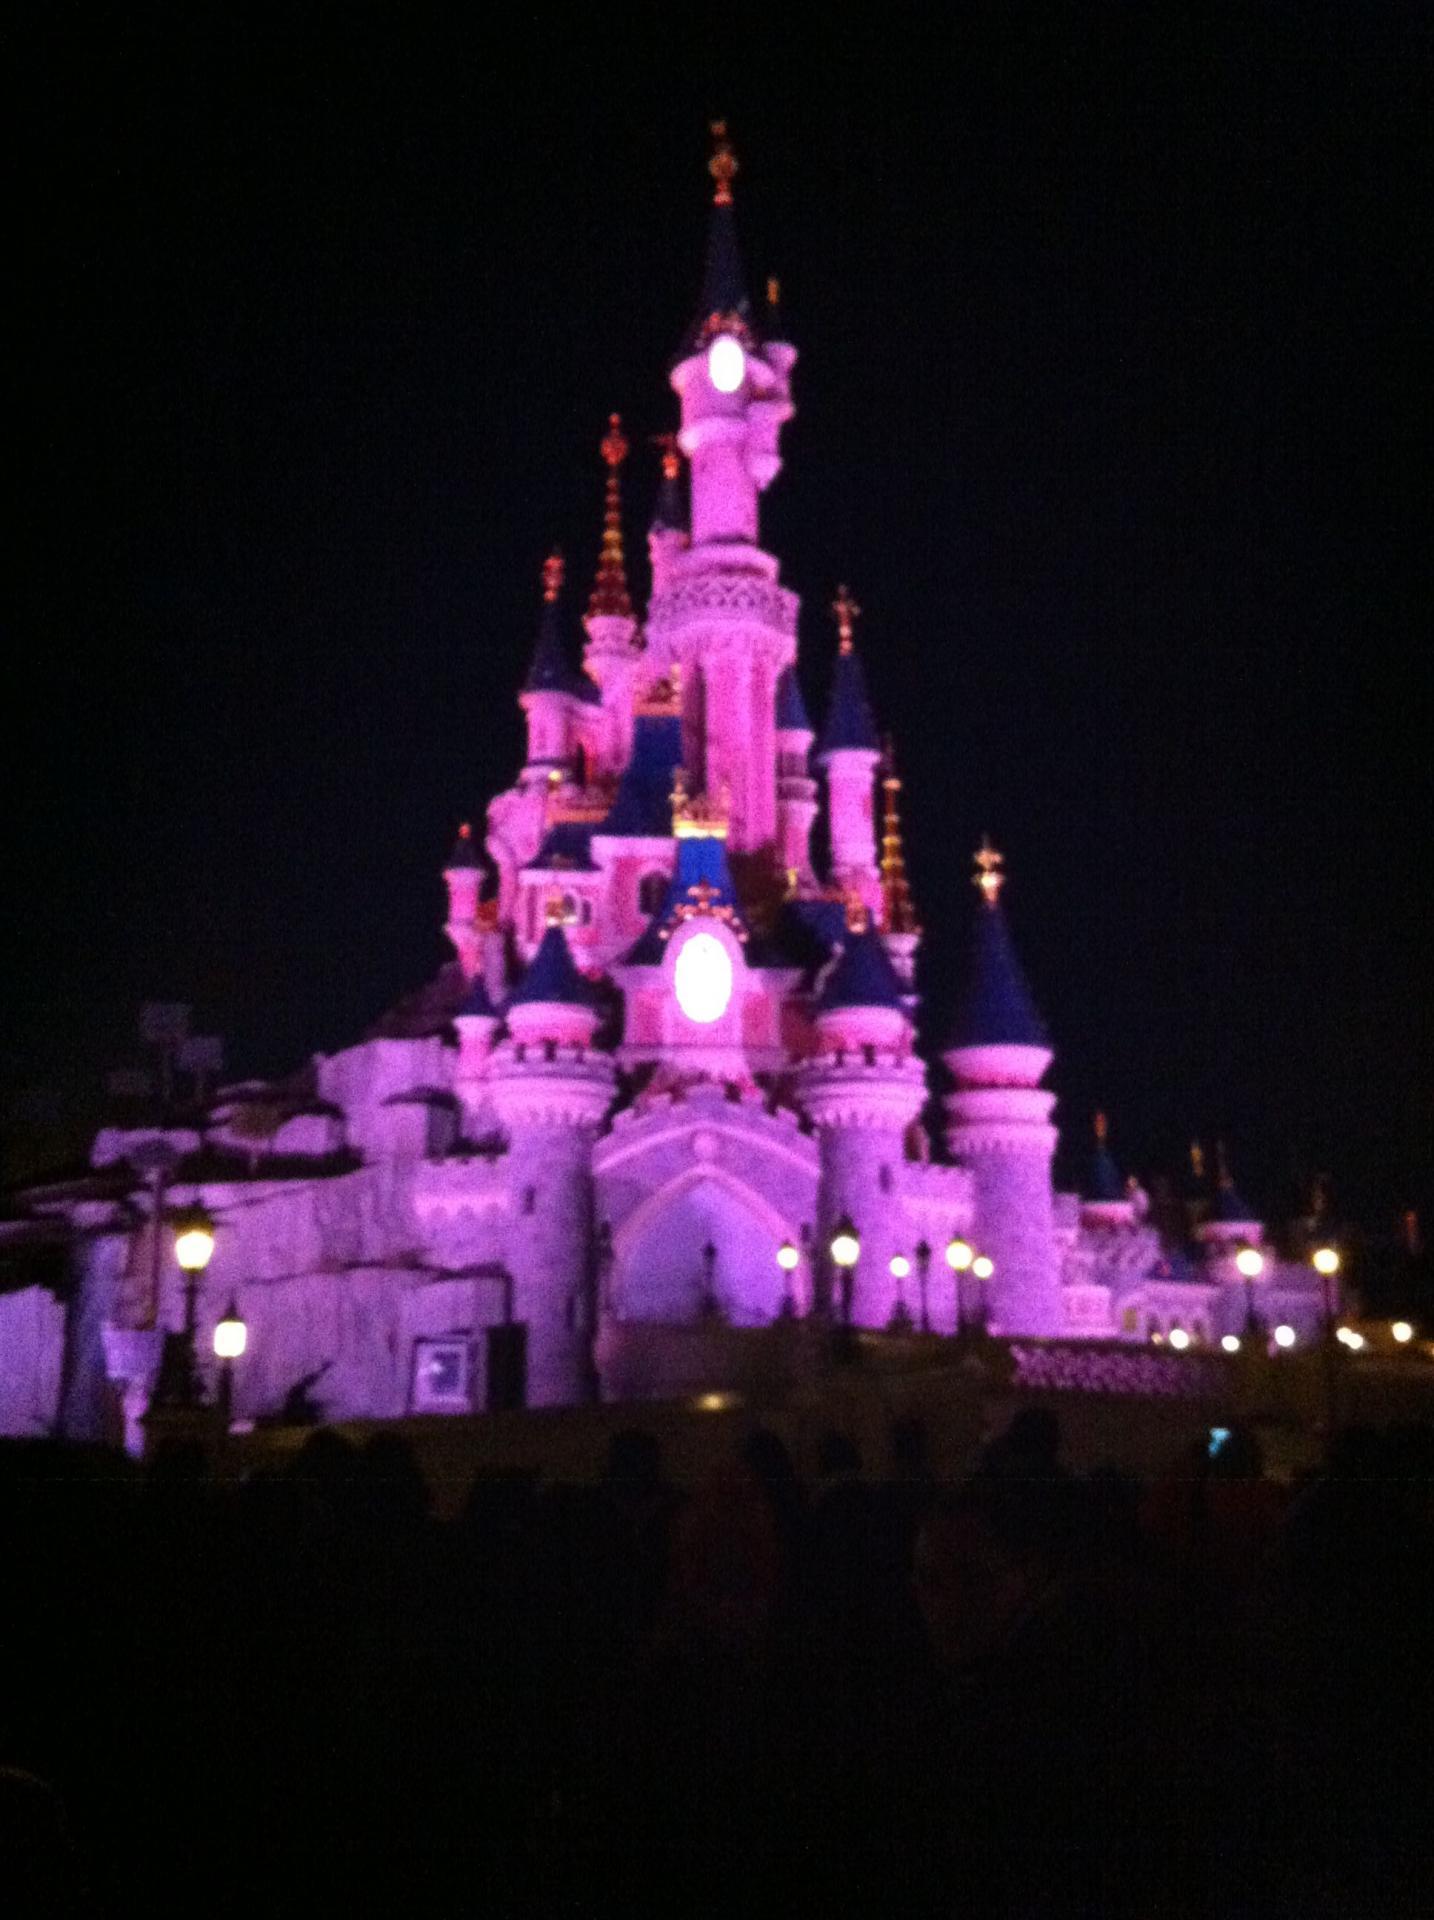 Le Château de la Belle au Bois Dormant de nuit